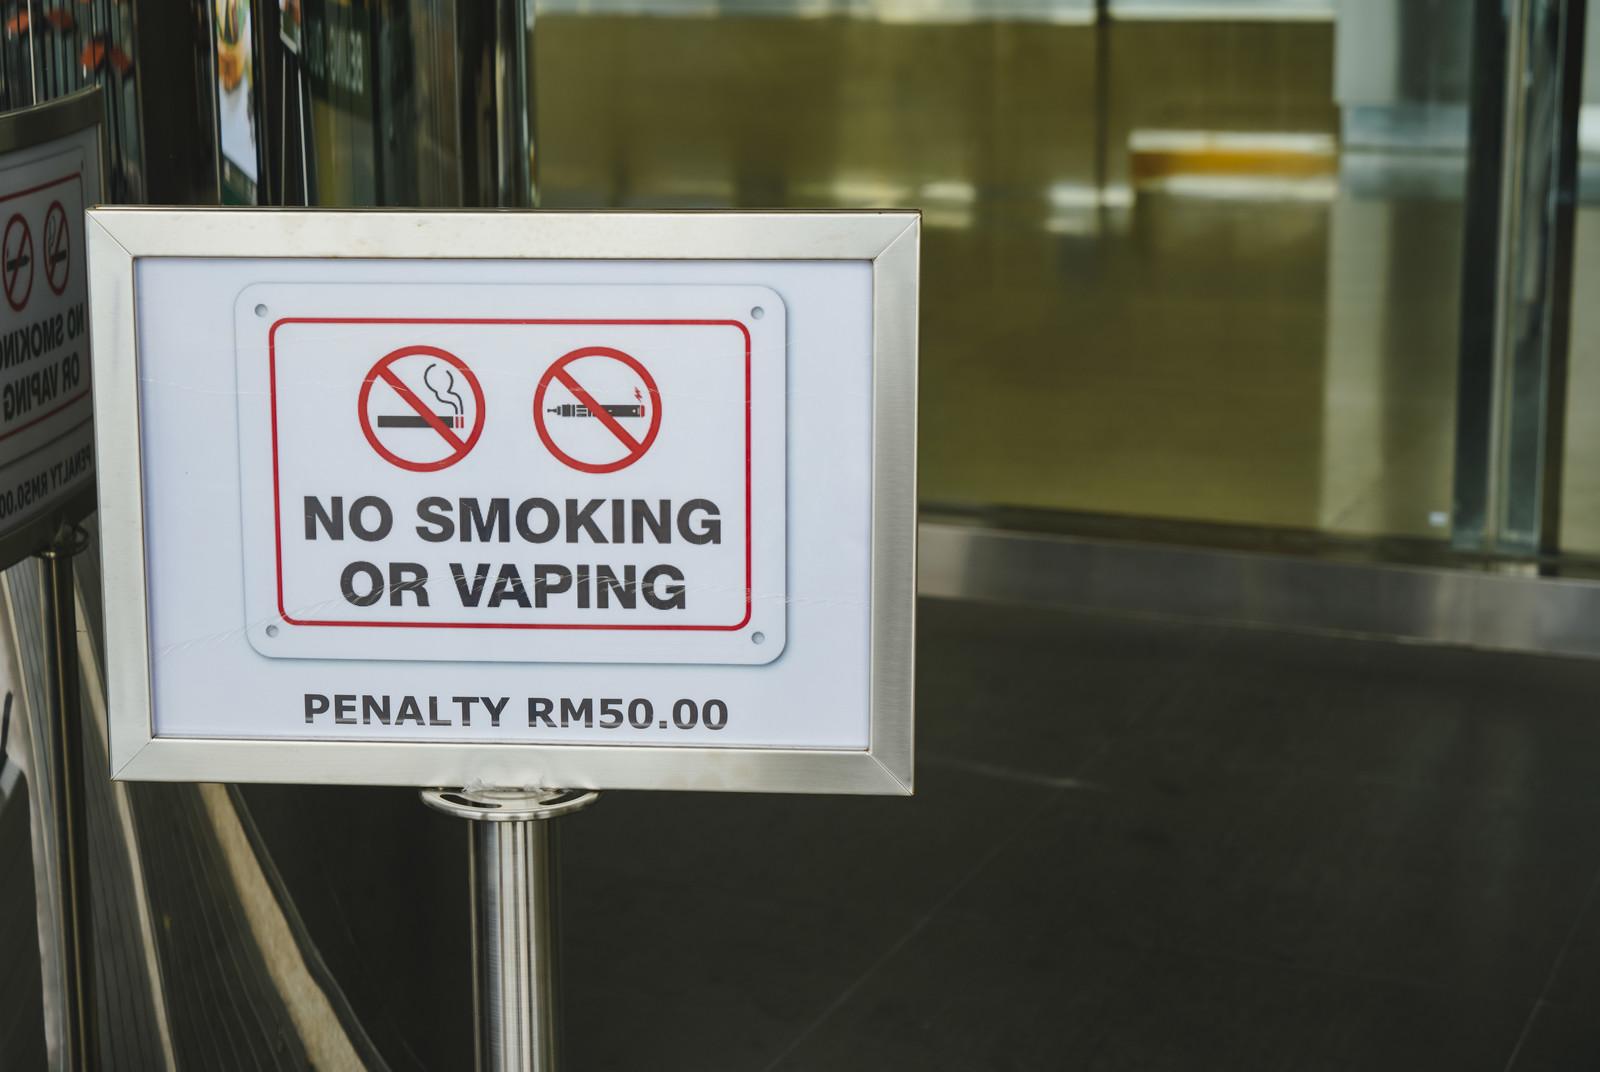 認知症予防と喫煙。喫煙の健康被害について考える。認知症予防研究協会。